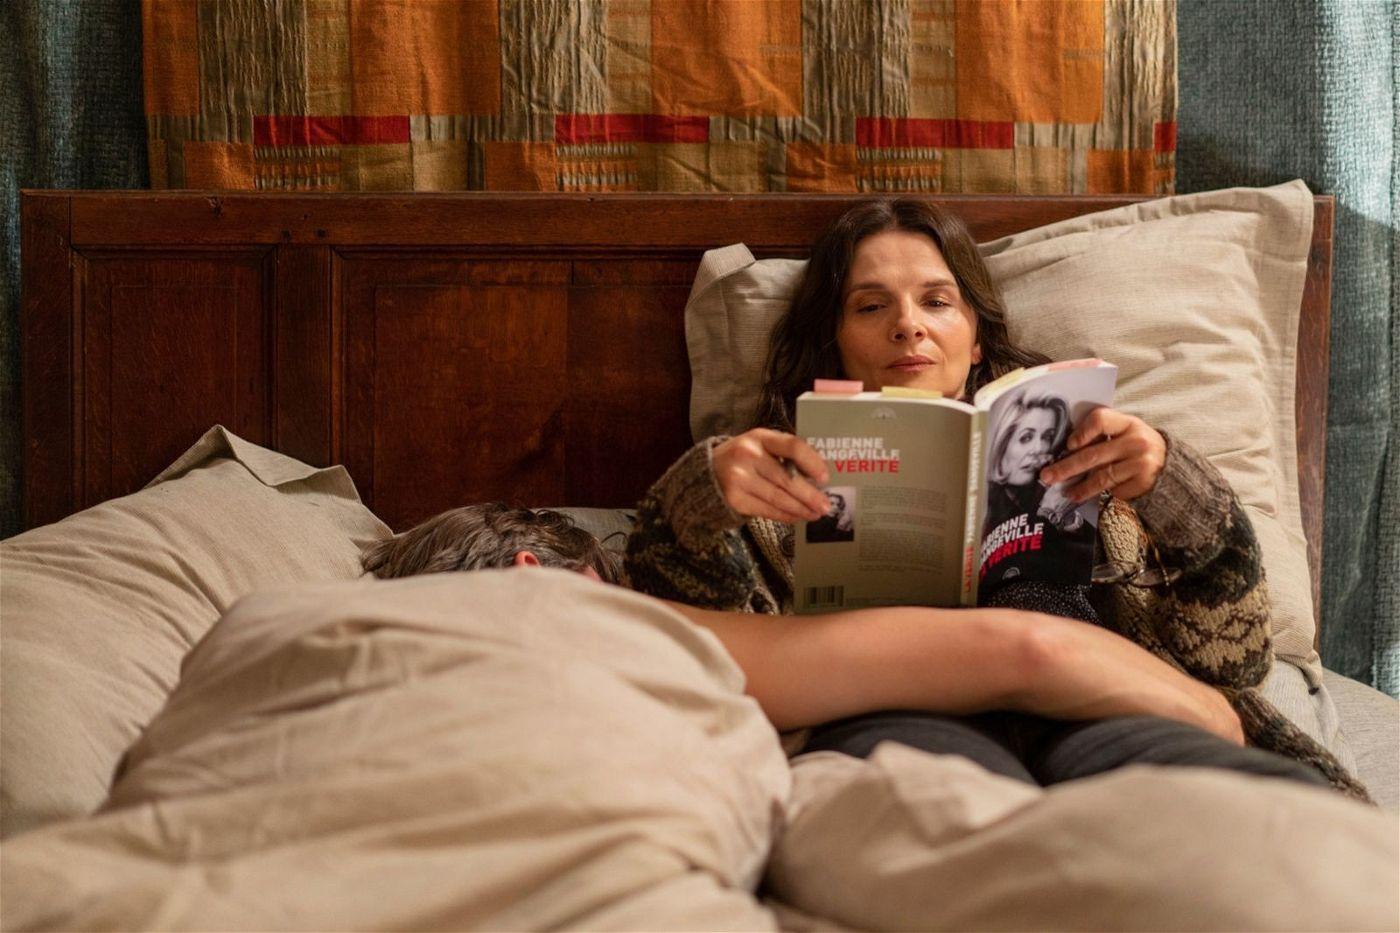 In der Autobiografie ihrer Mutter findet Lumir (Juliette Binoche) nichts als Lügen und verdrehte Wahrheiten.